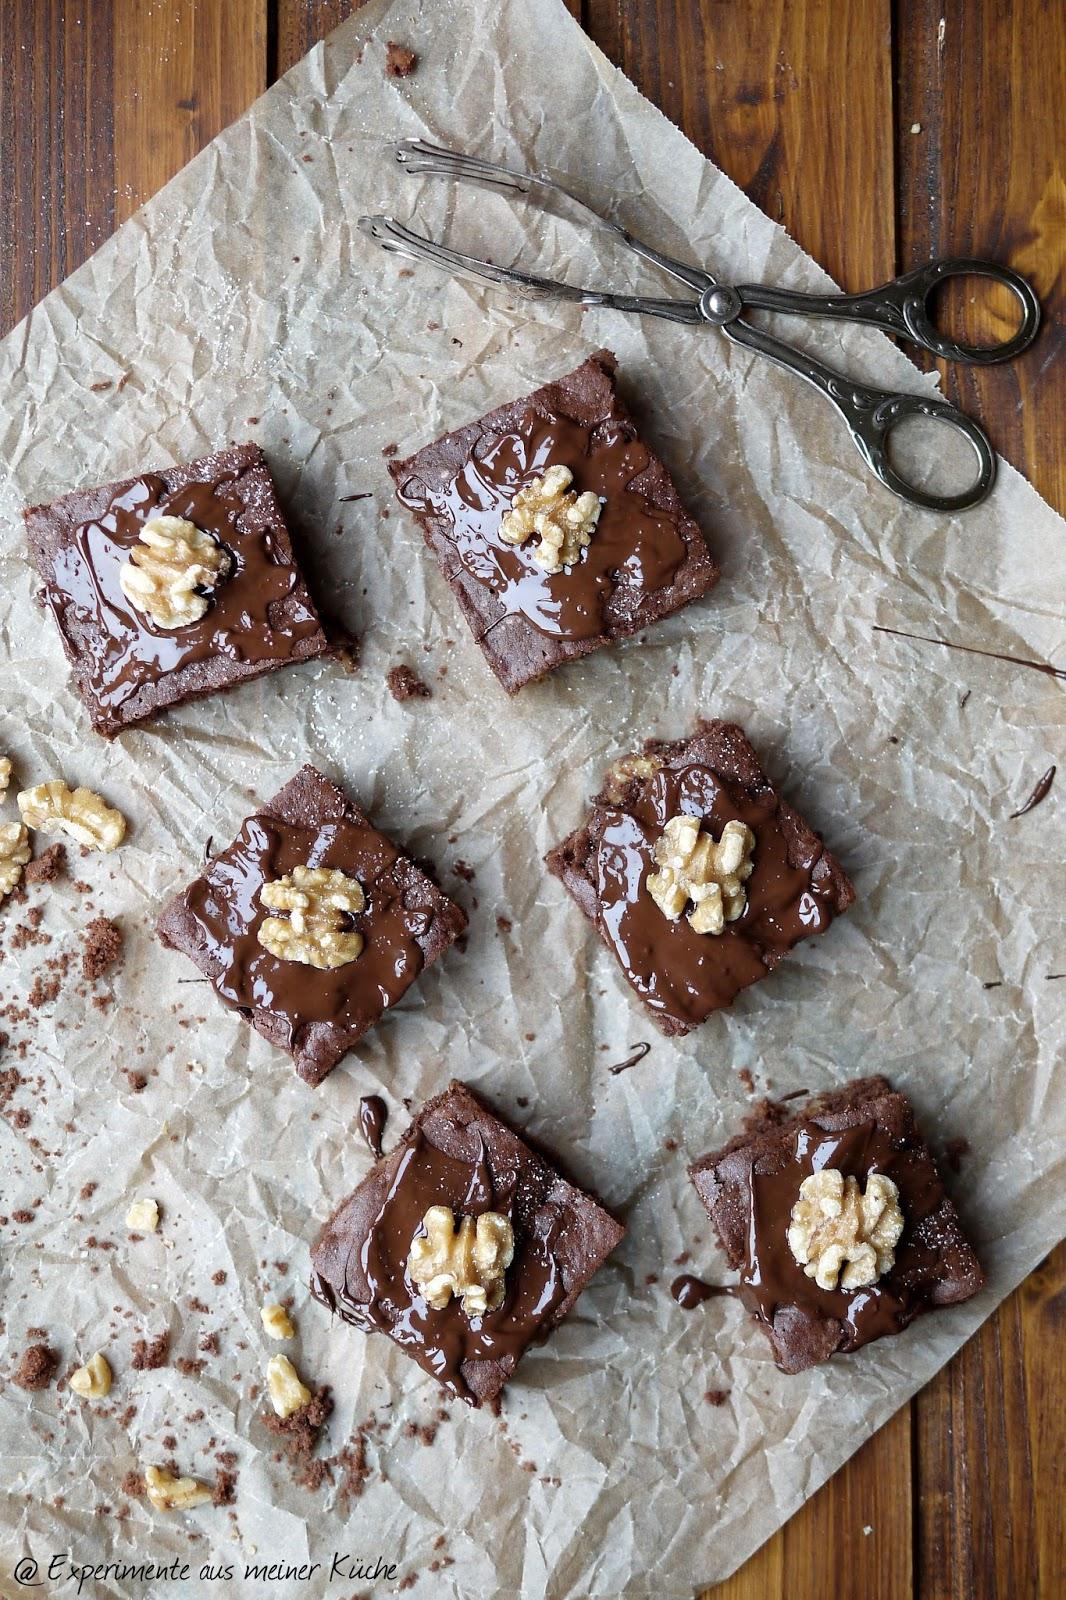 Experimente aus meiner Küche: Schoko-Gewürzschnitten mit Walnüssen